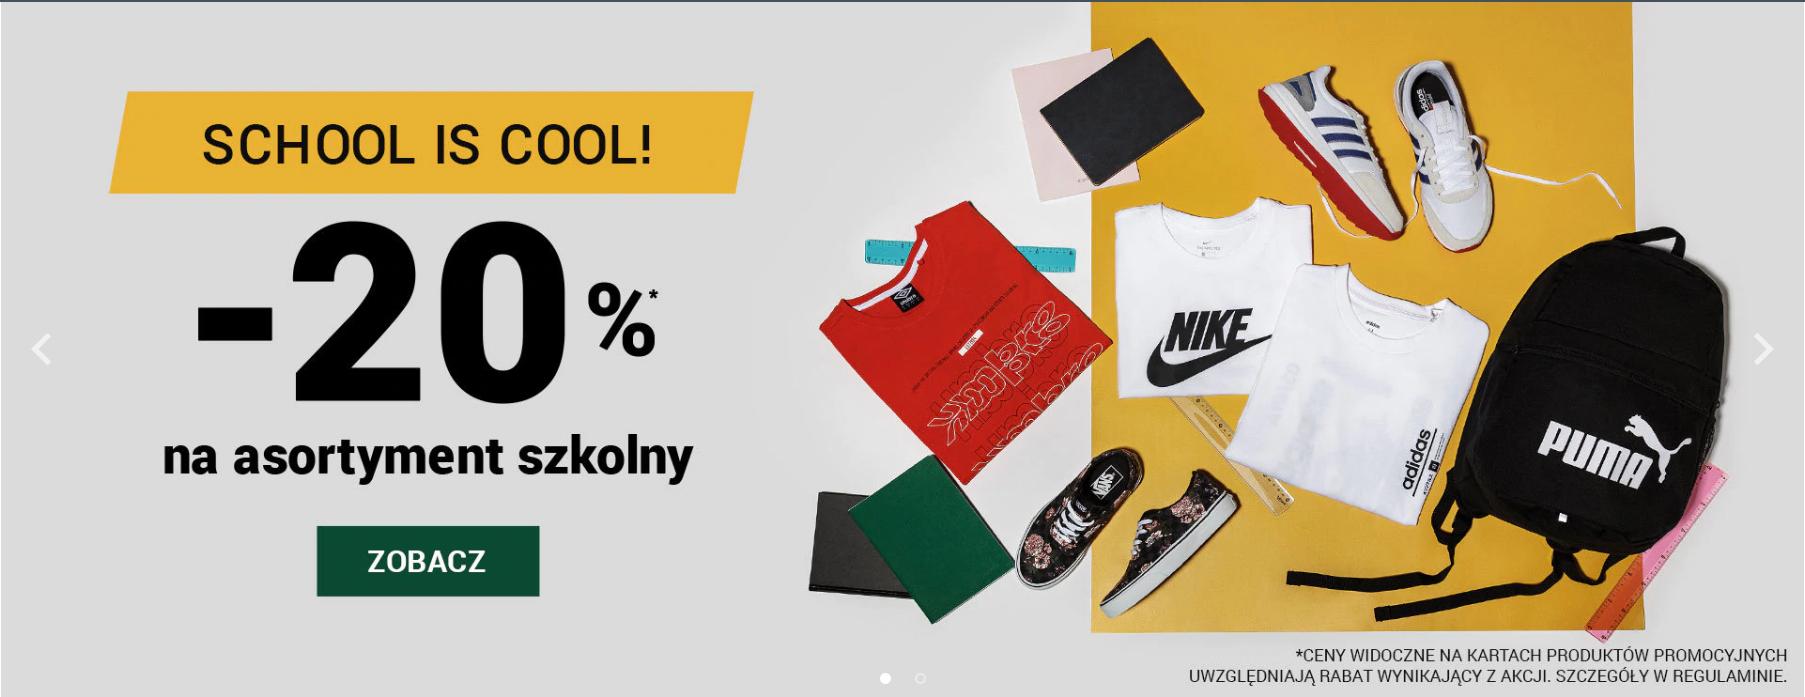 ButySportowe.pl: 20% zniżki na asortyment szkolny